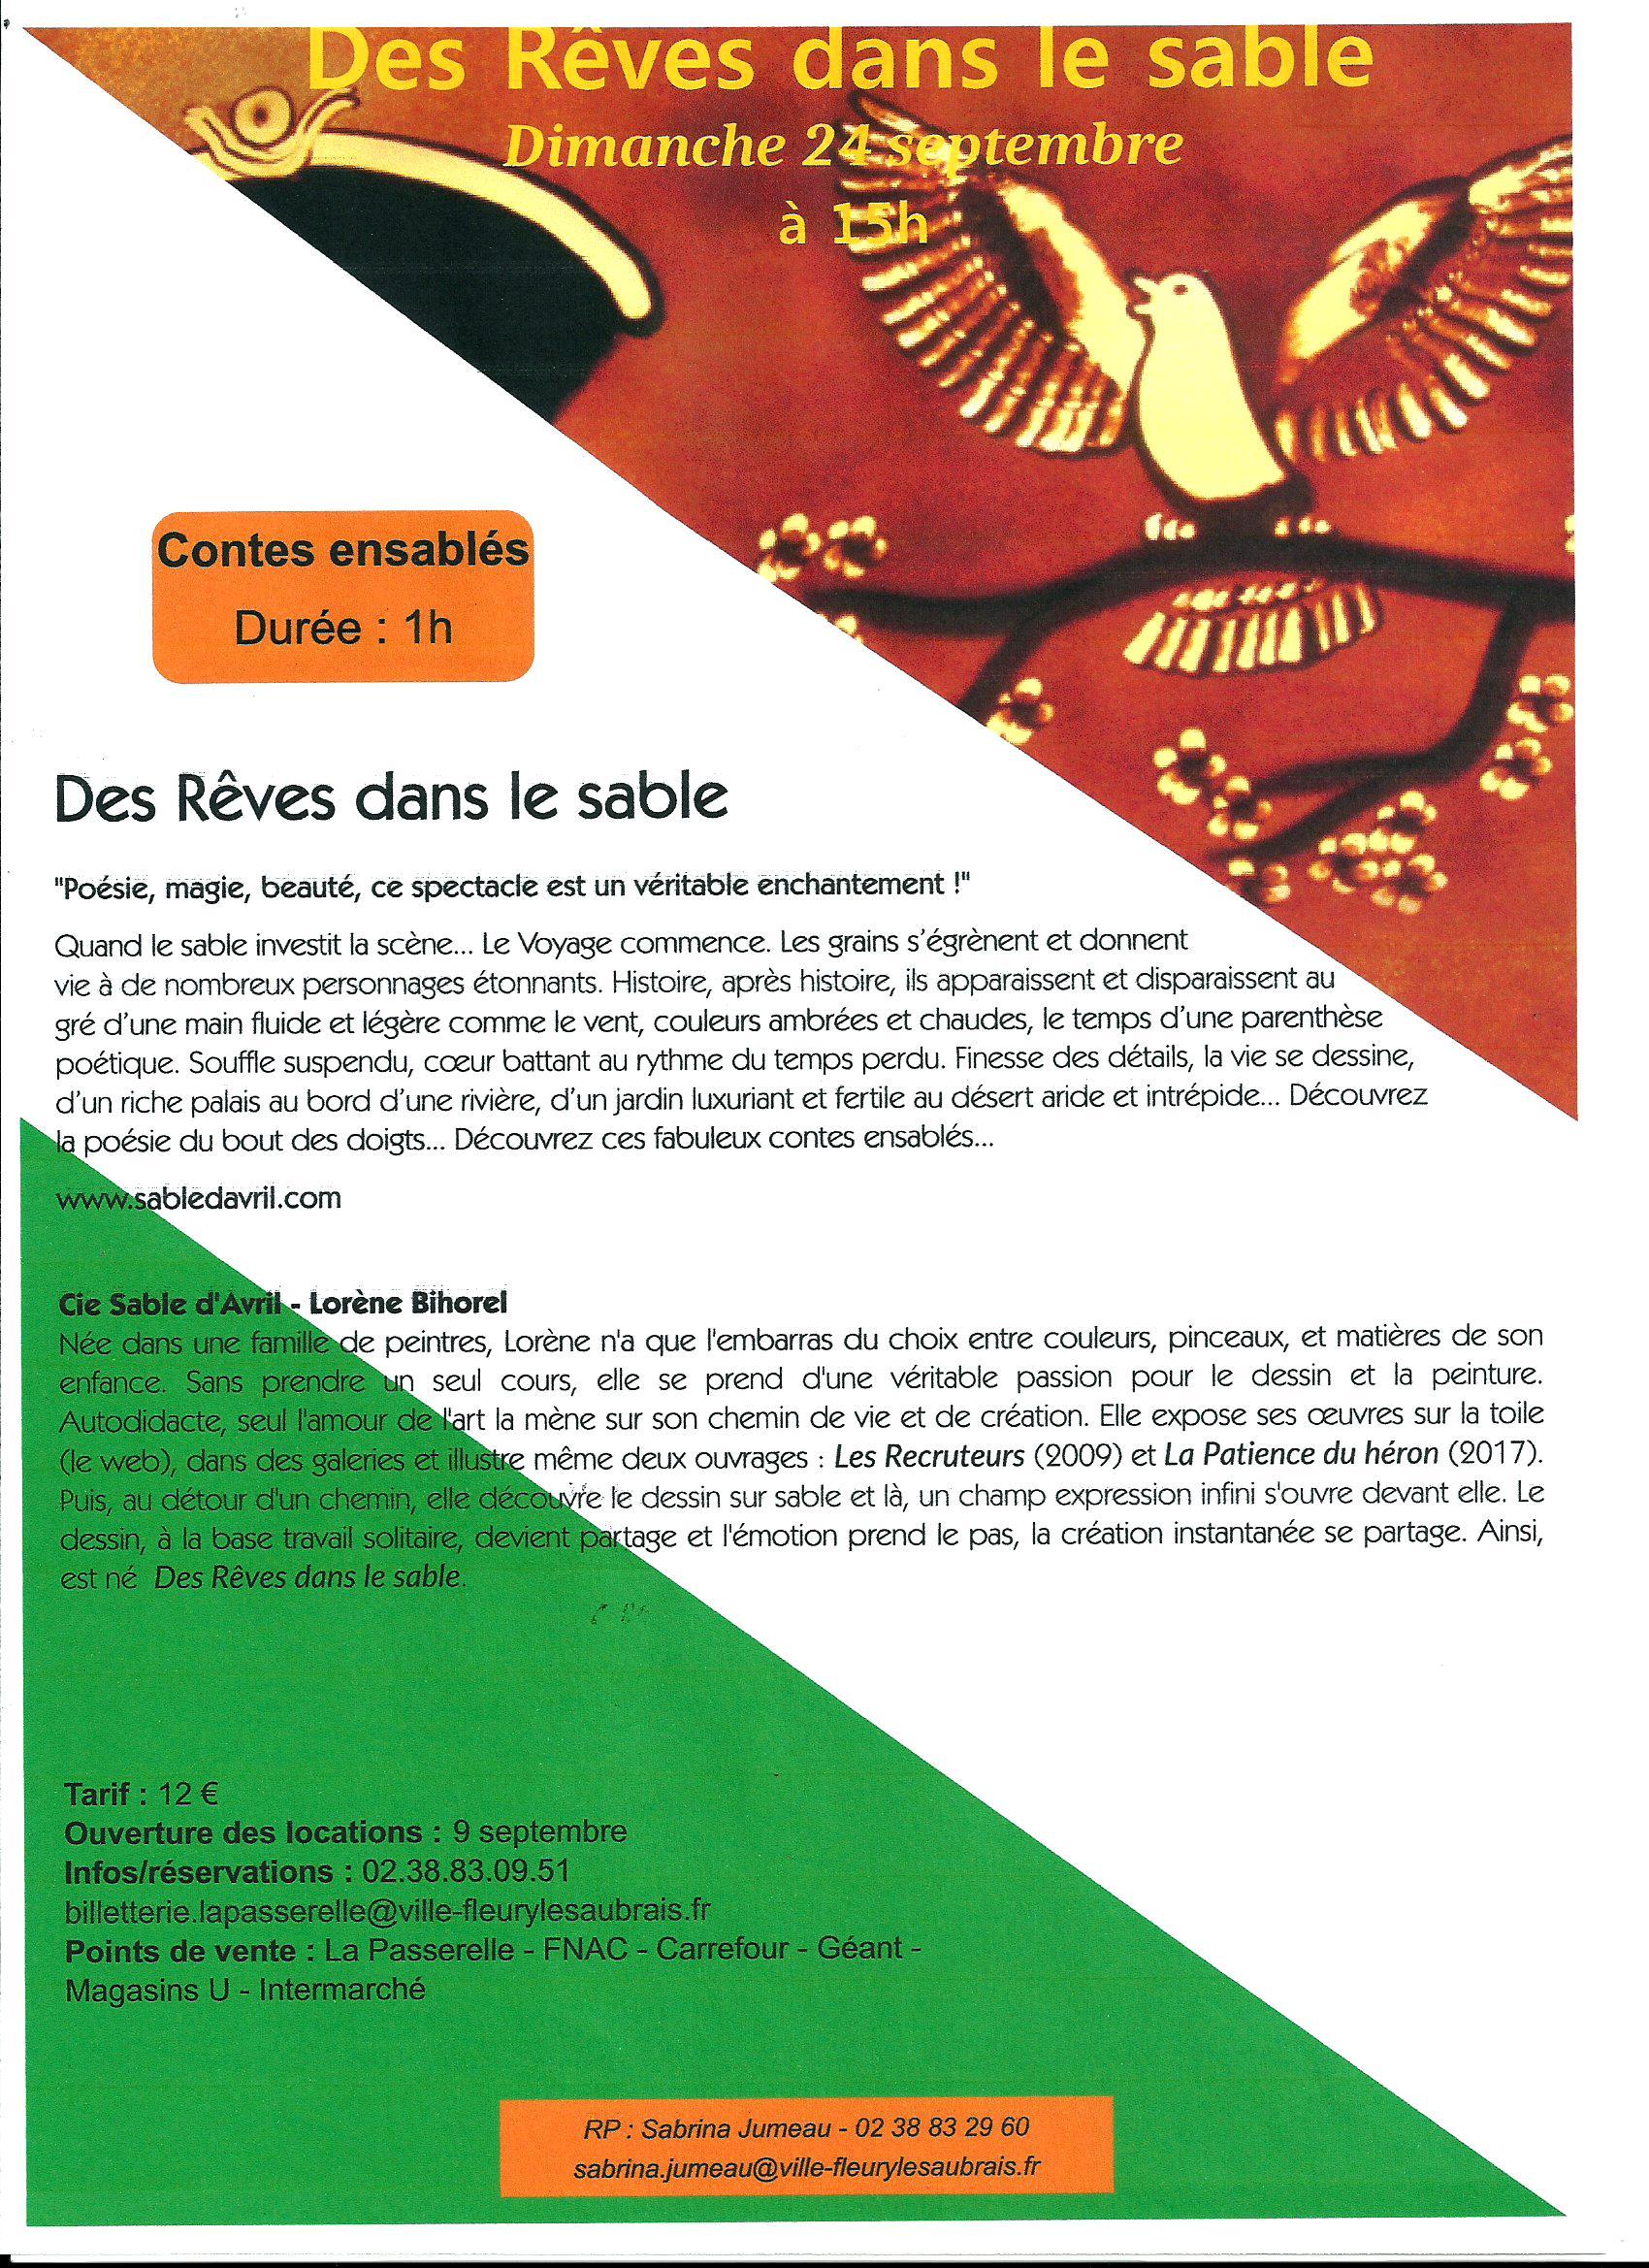 Scan La Passerelle affiche Contes ensablés 2017 (24.09.2017).jpg